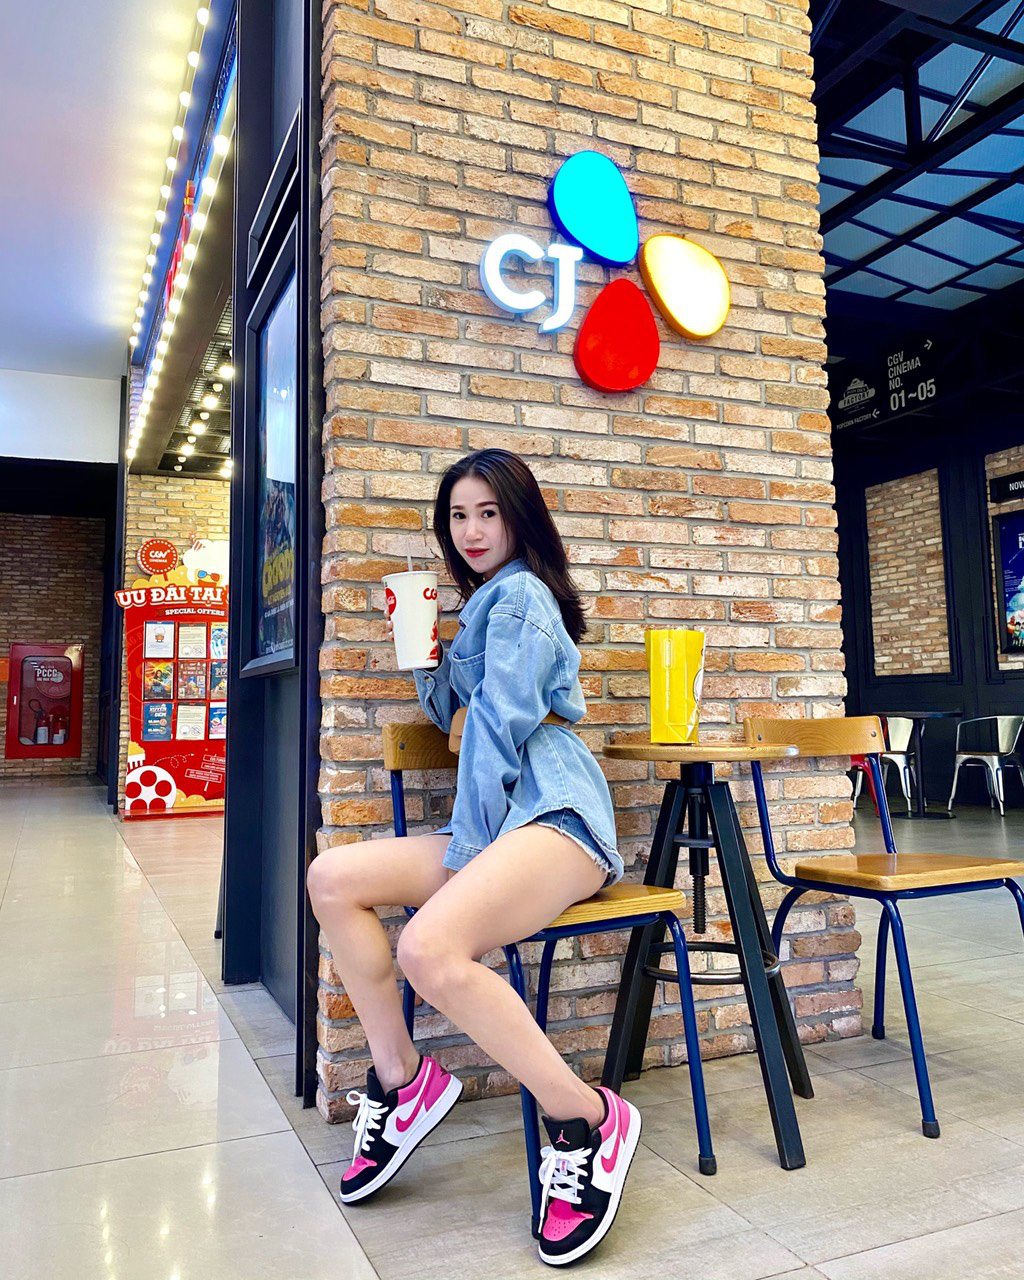 Huyền Mỹ Shop - Thổi làn gió mới vào thị trường thời trang Việt - Ảnh 3.